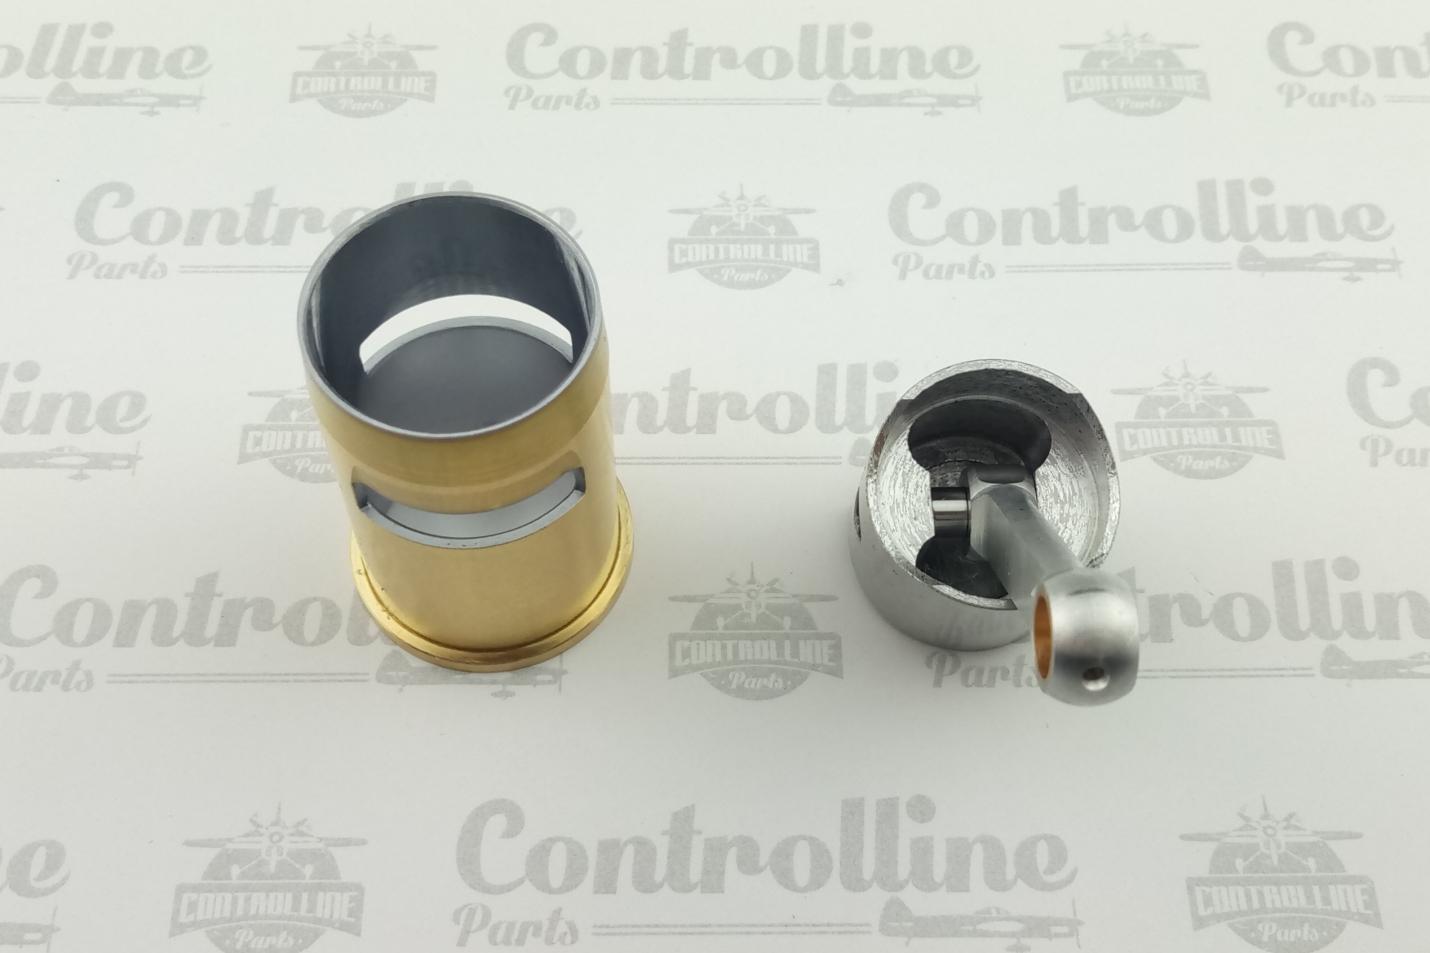 STALKER 51SE / Piston, cylinder, finger and connecting rod.